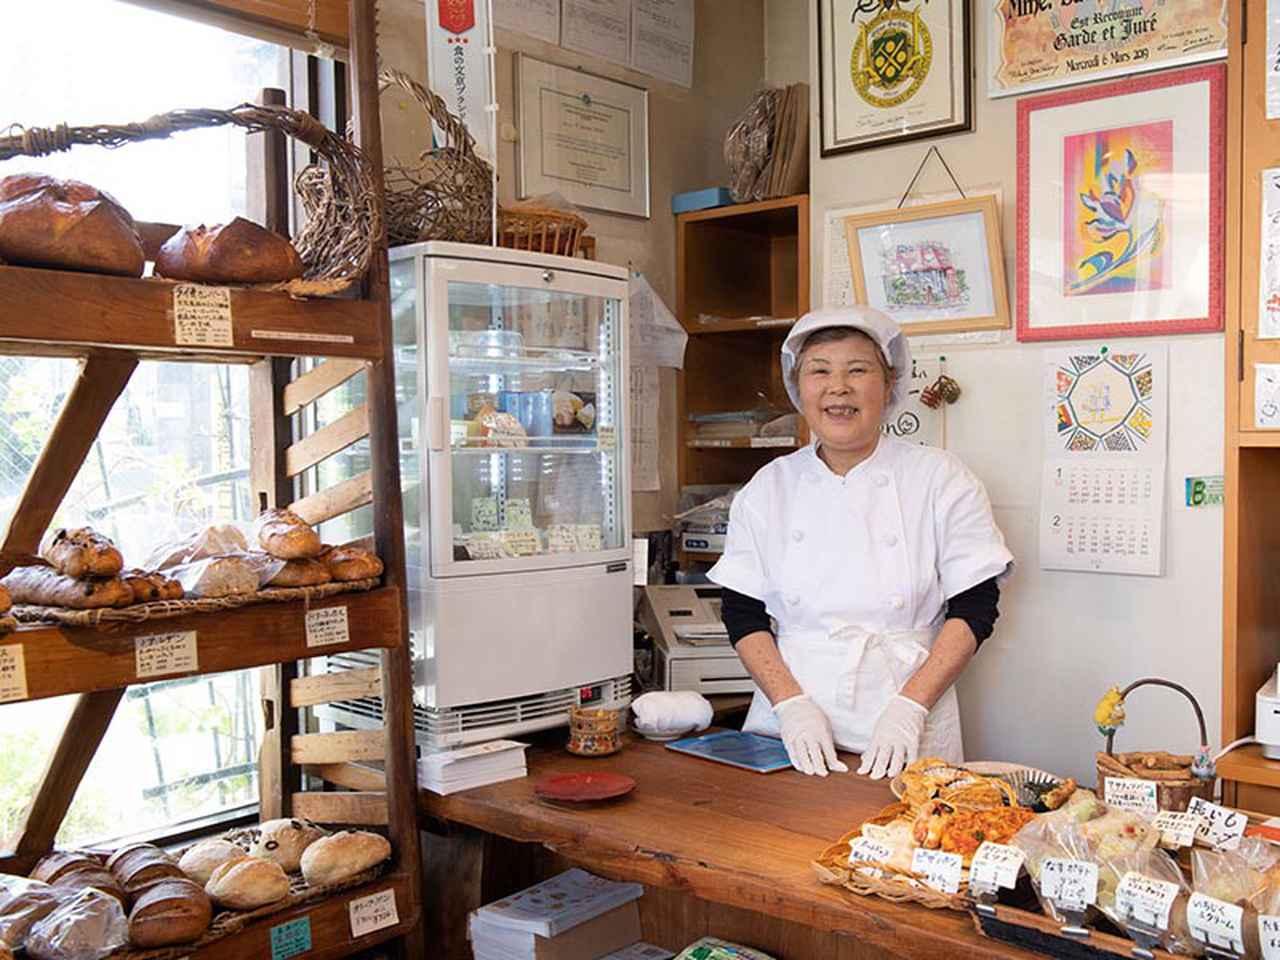 画像: 白井さんは、今年で70歳を迎えます。「そろそろ引退ね」と笑う姿も、チャーミング